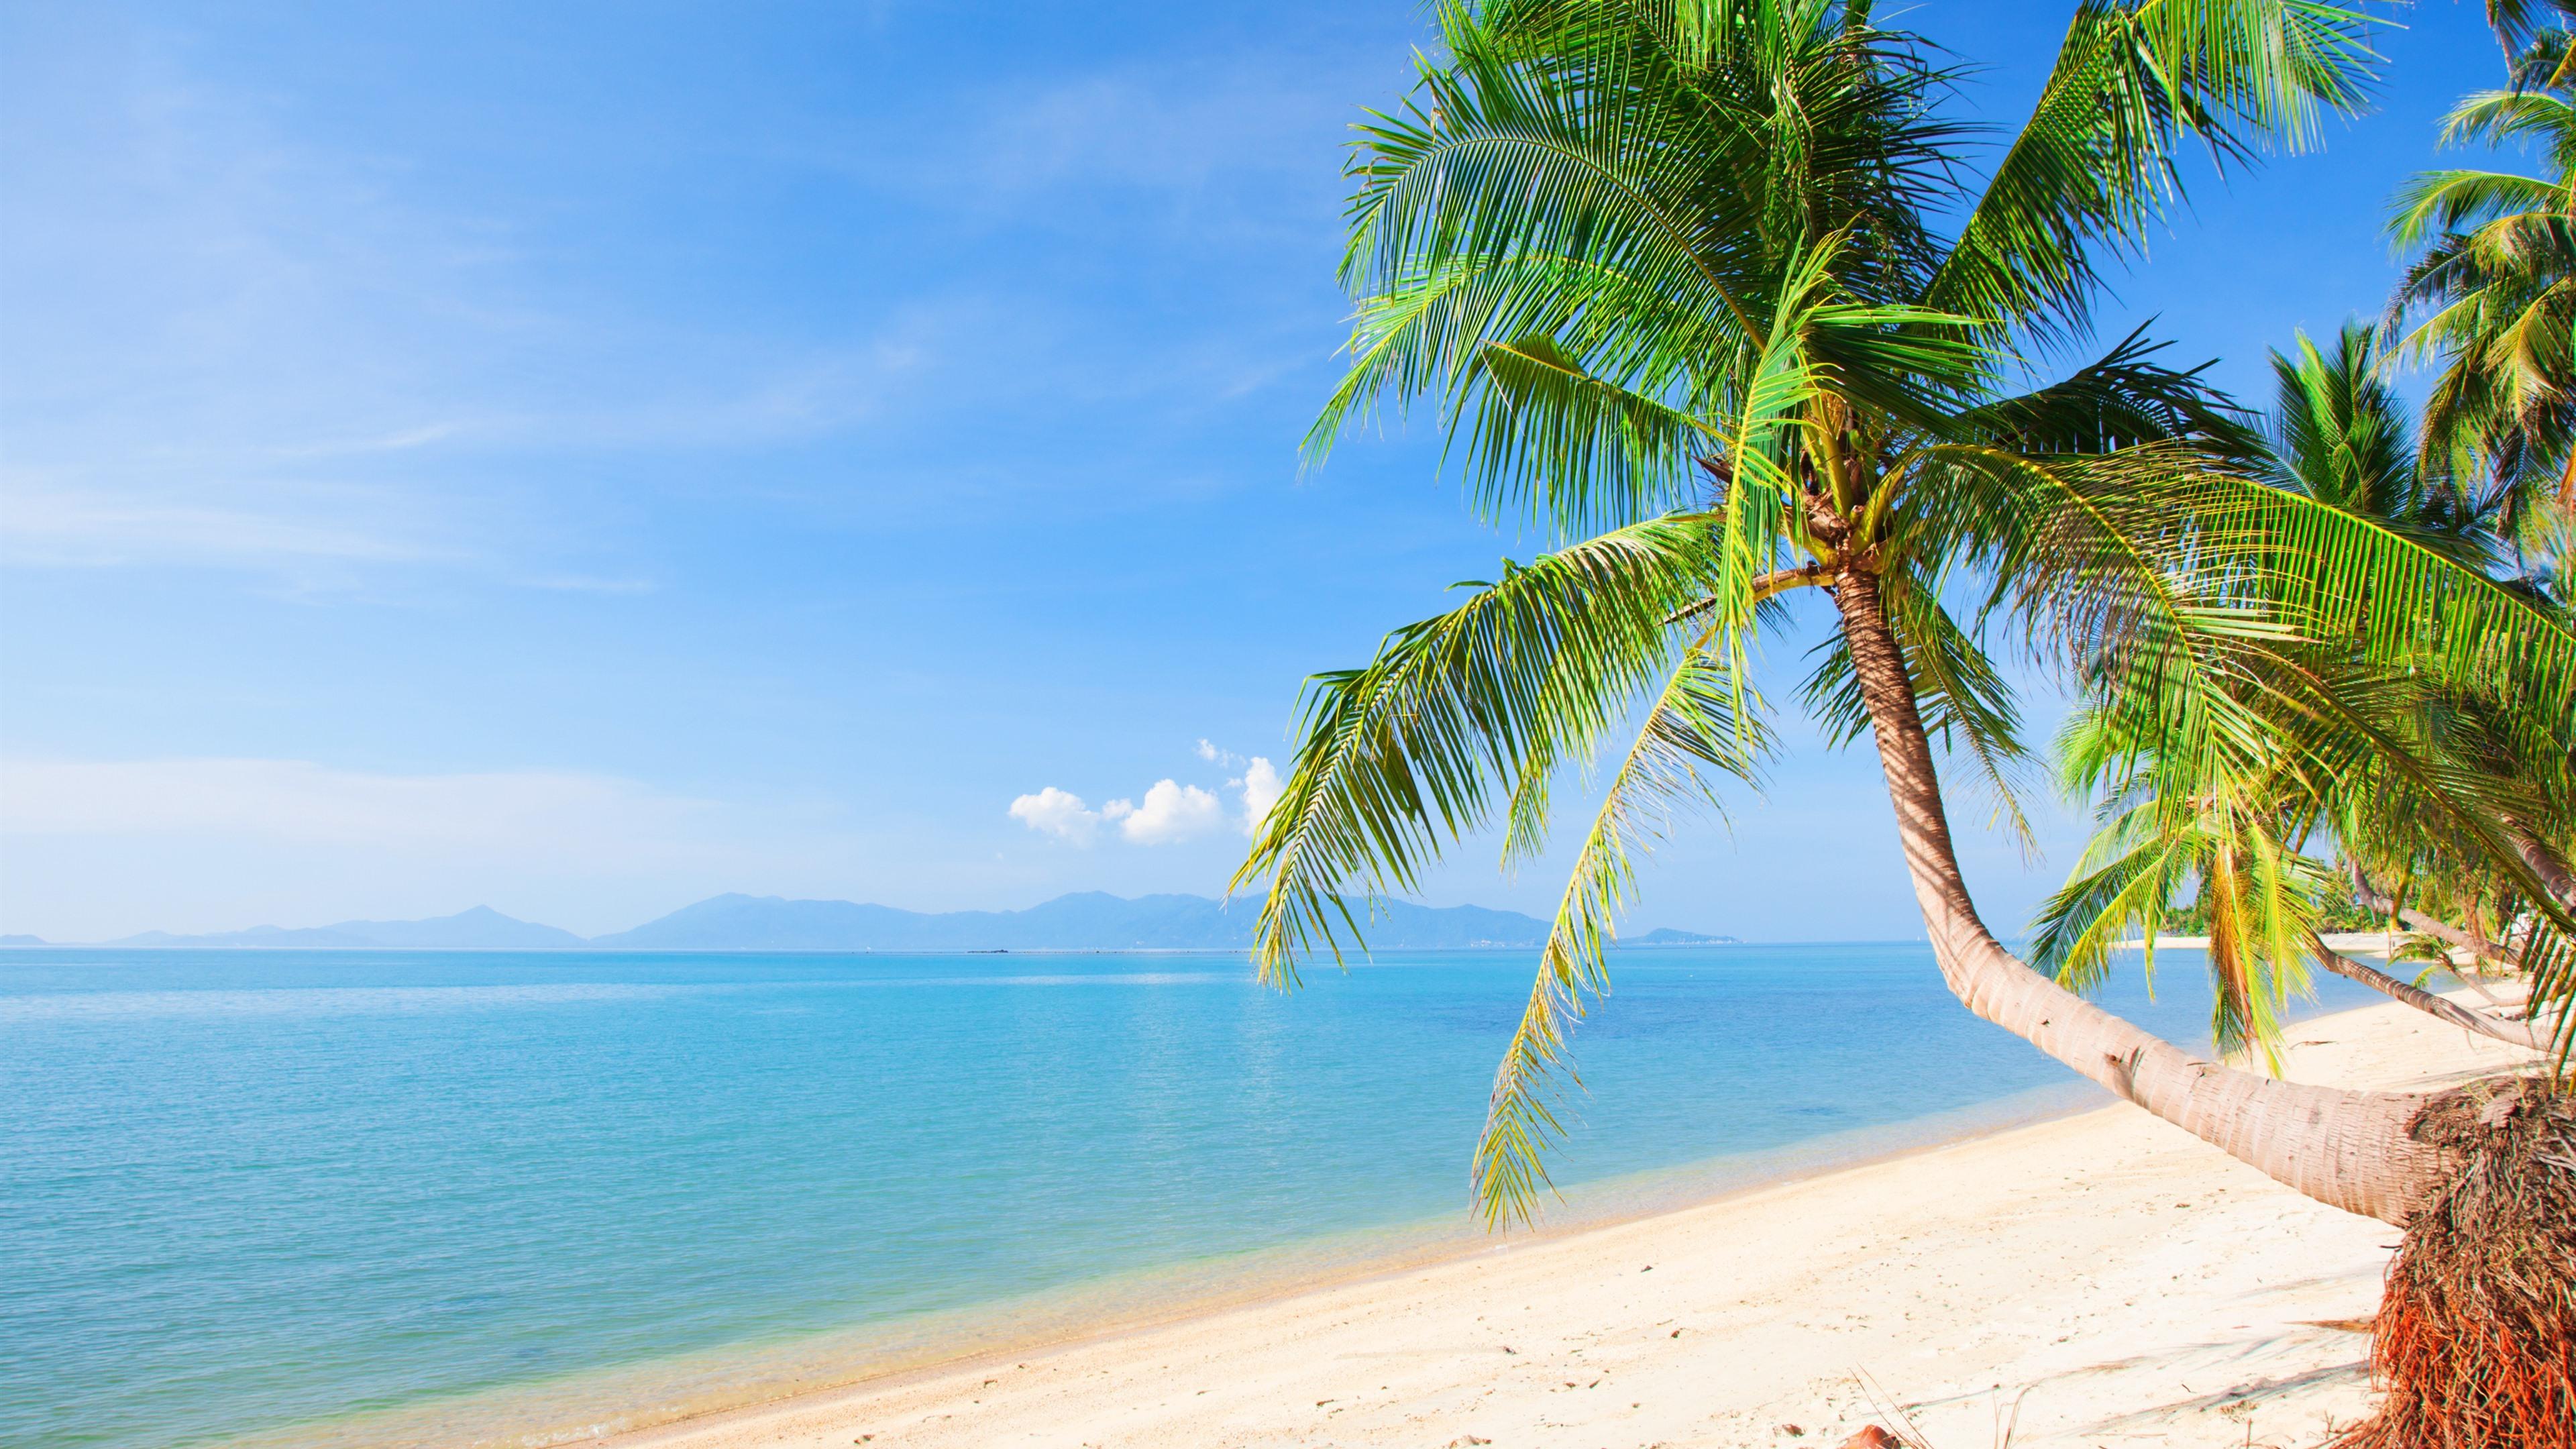 strand, palmen, meer, tropisch, sommer 3840x2160 uhd 4k